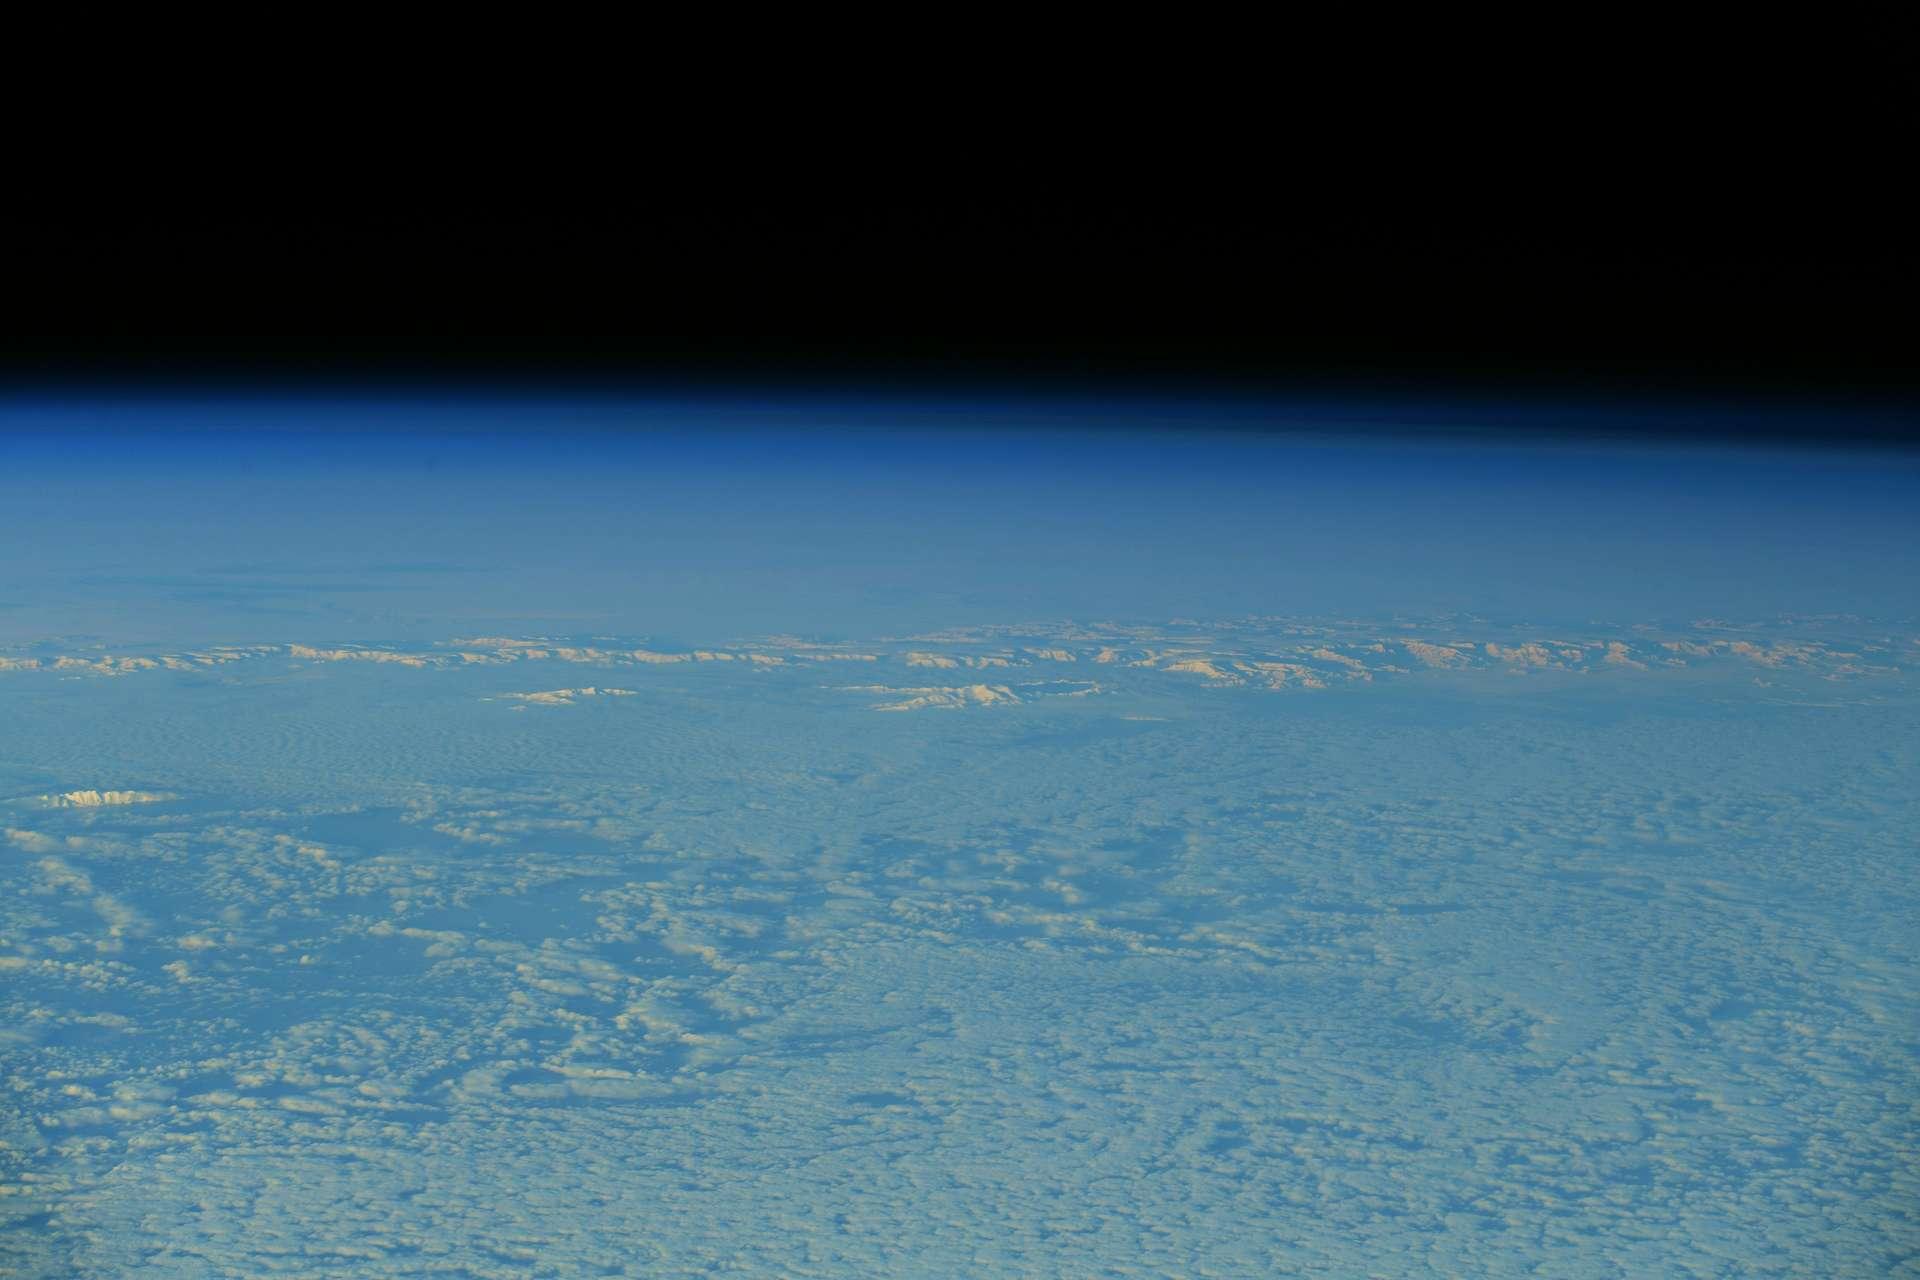 L'Antarctique, le cinquième continent, photographié par l'astronaute français, en juillet 2021. © ESA/Nasa, Thomas Pesquet